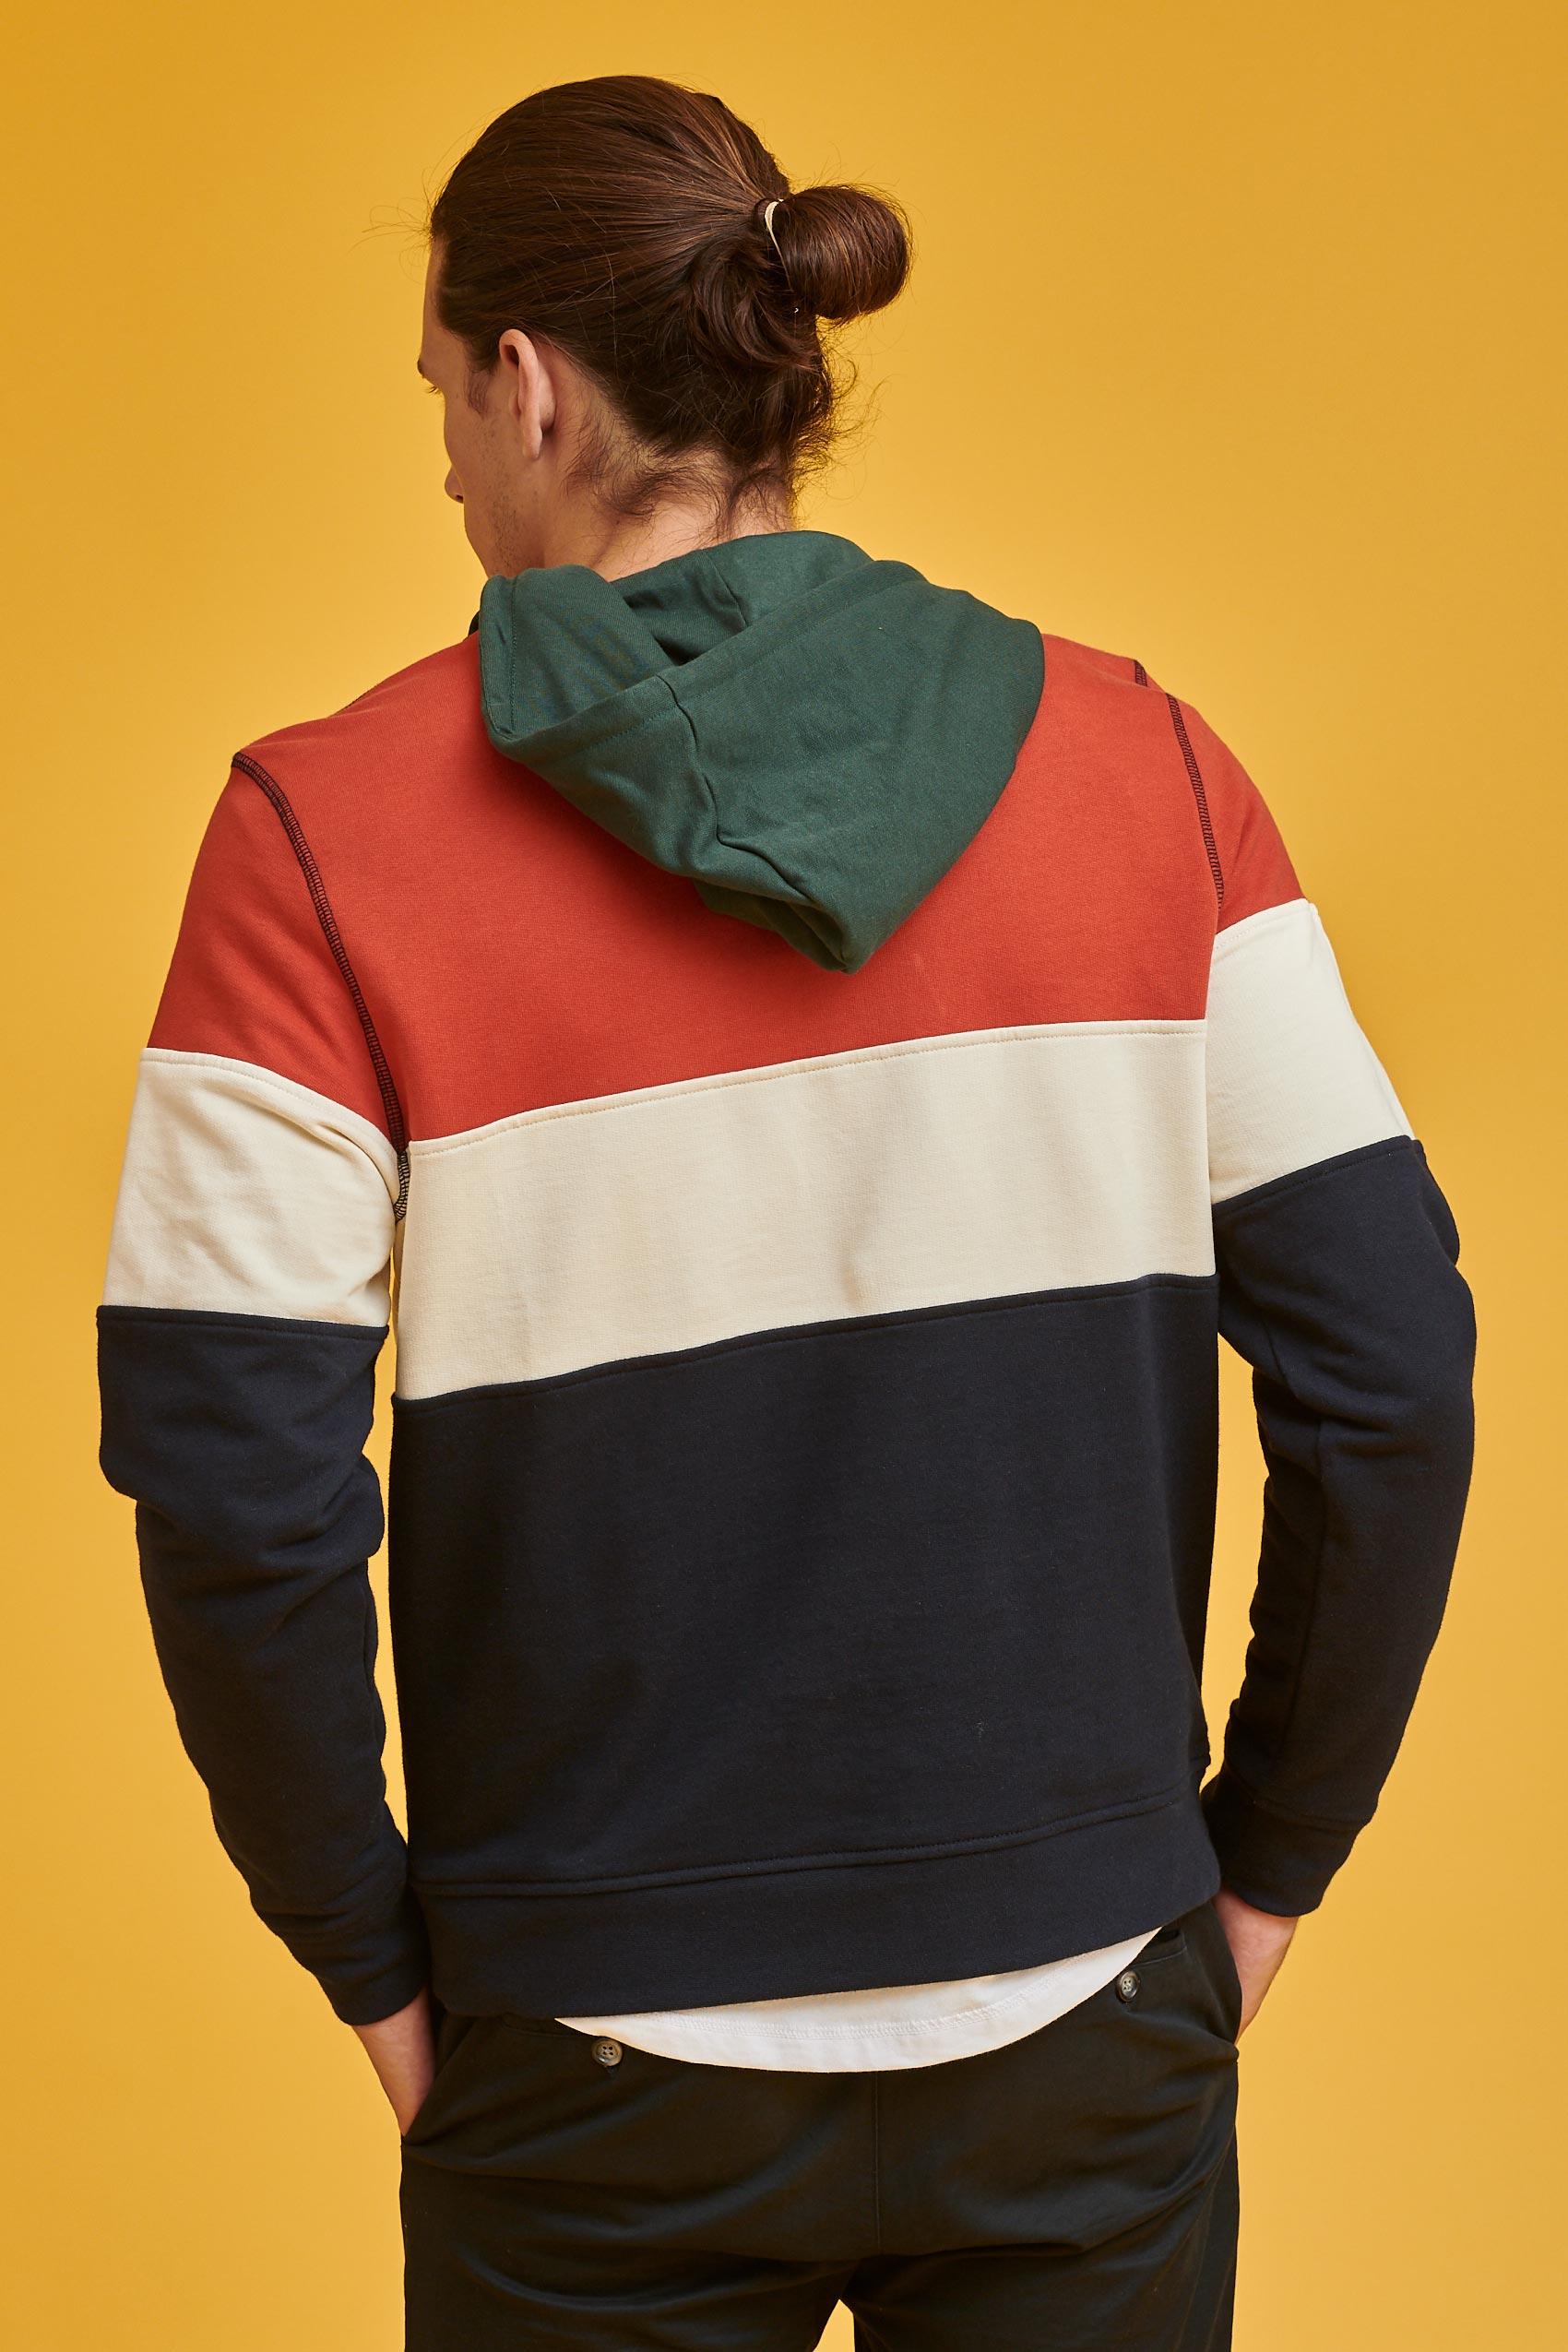 penguin_block-stripes-half-zip-hoodie_41-14-2020__picture-14409